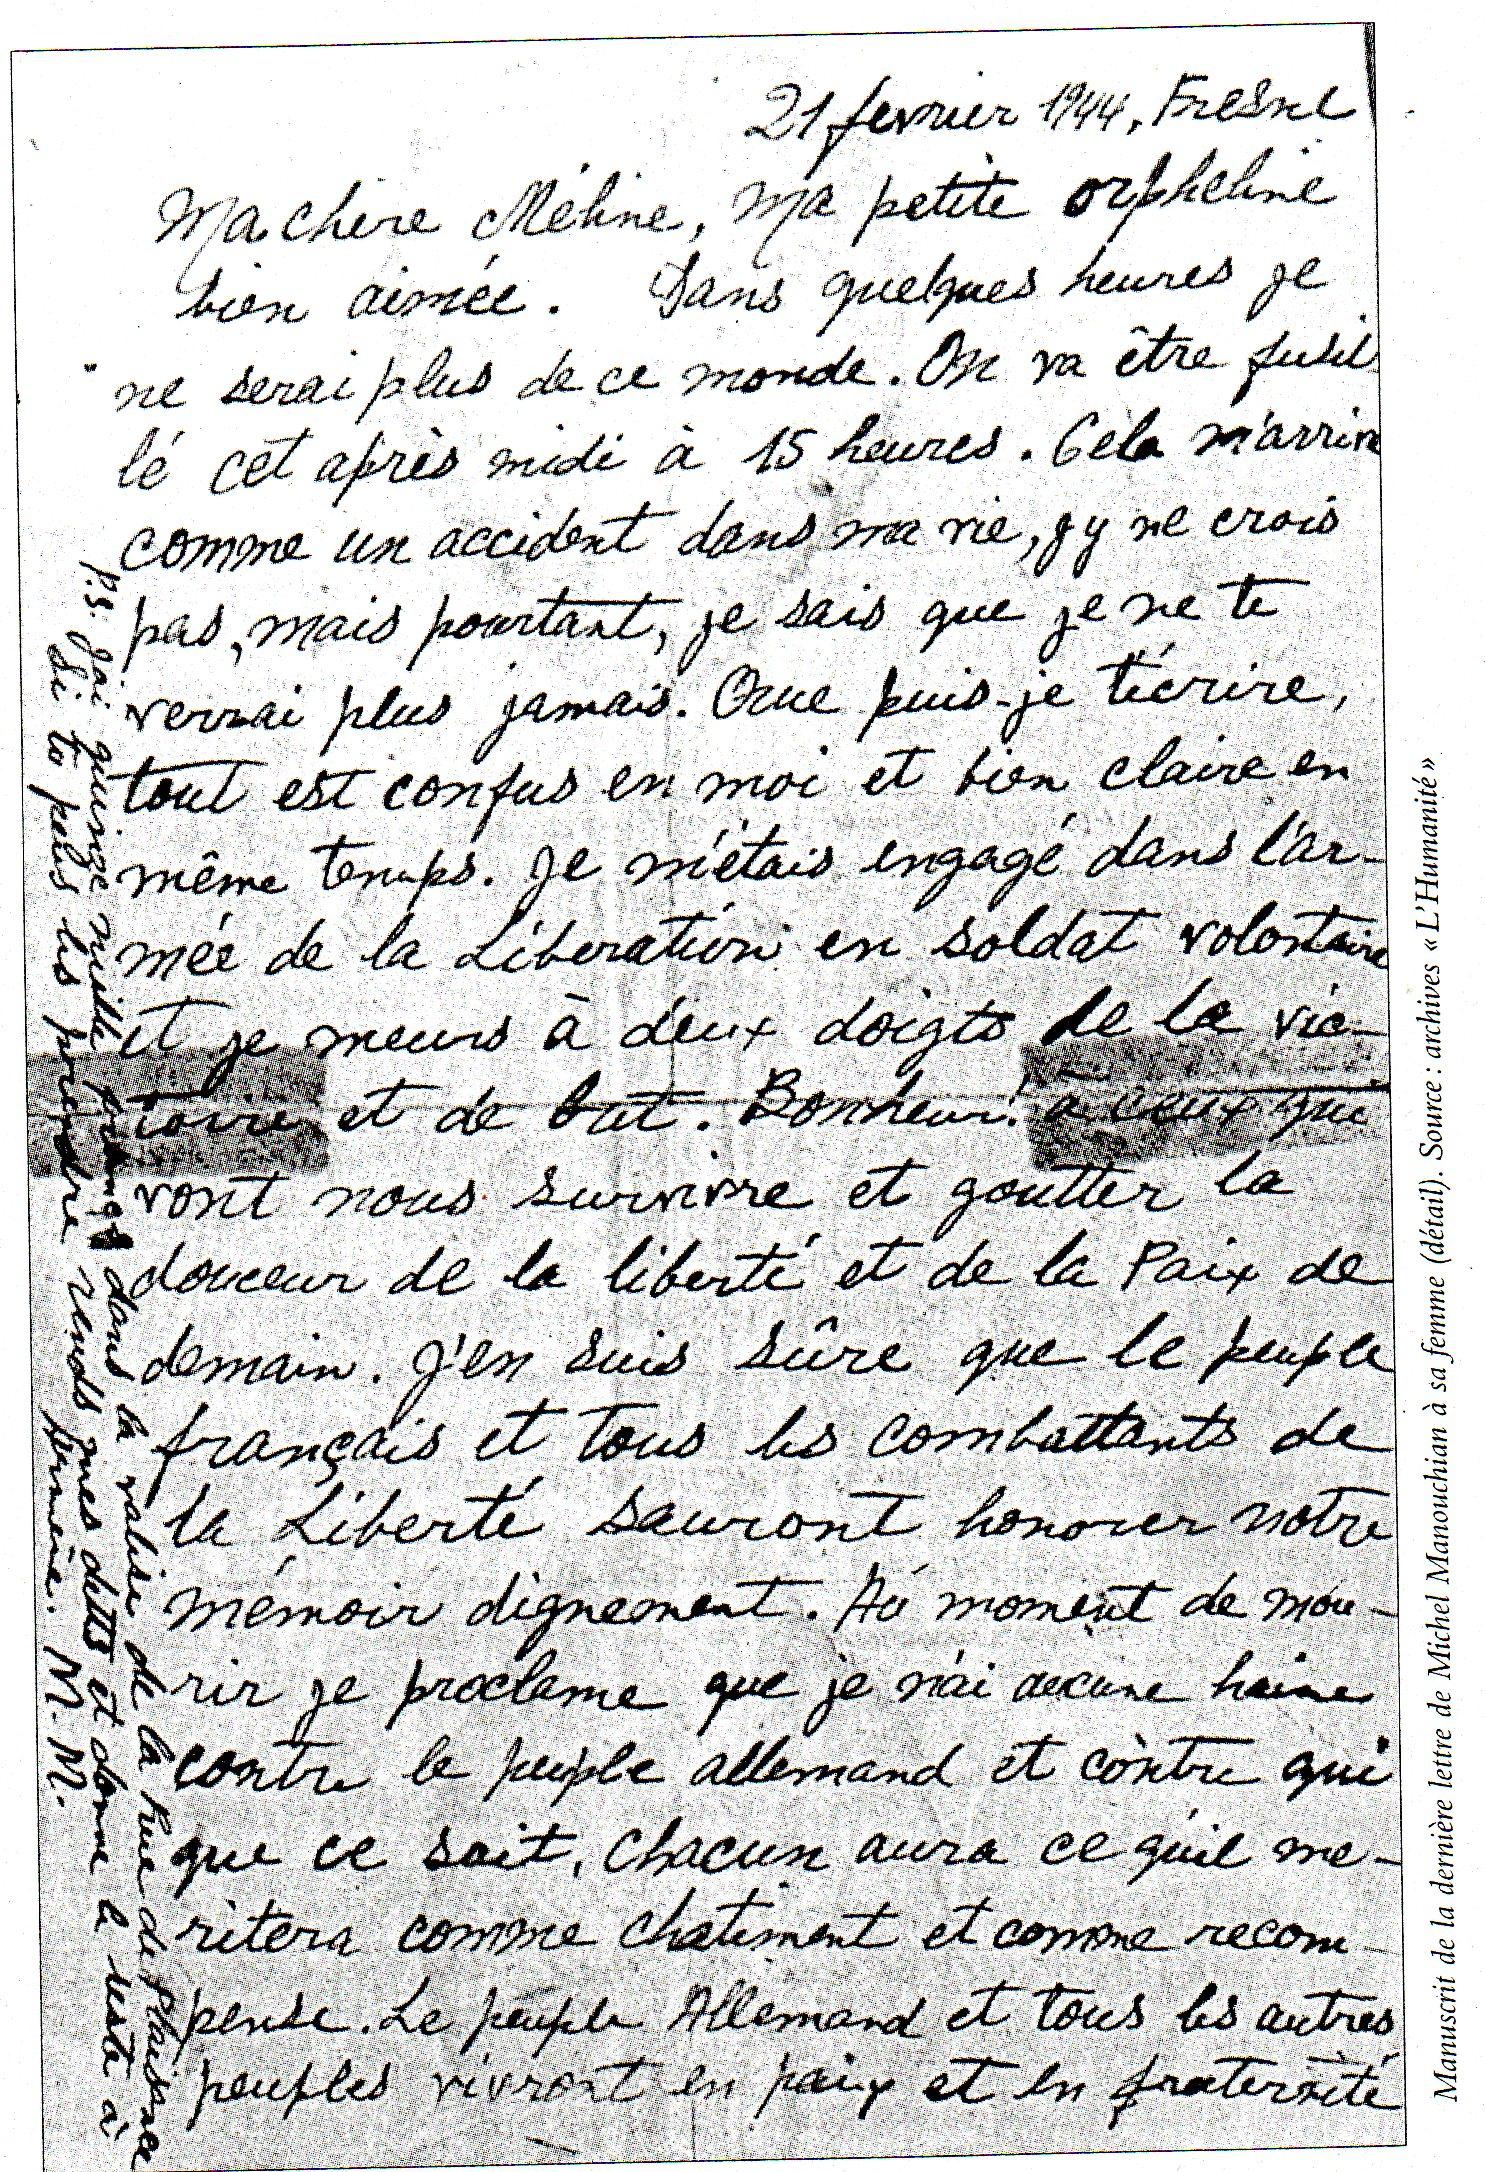 lettre manouchian